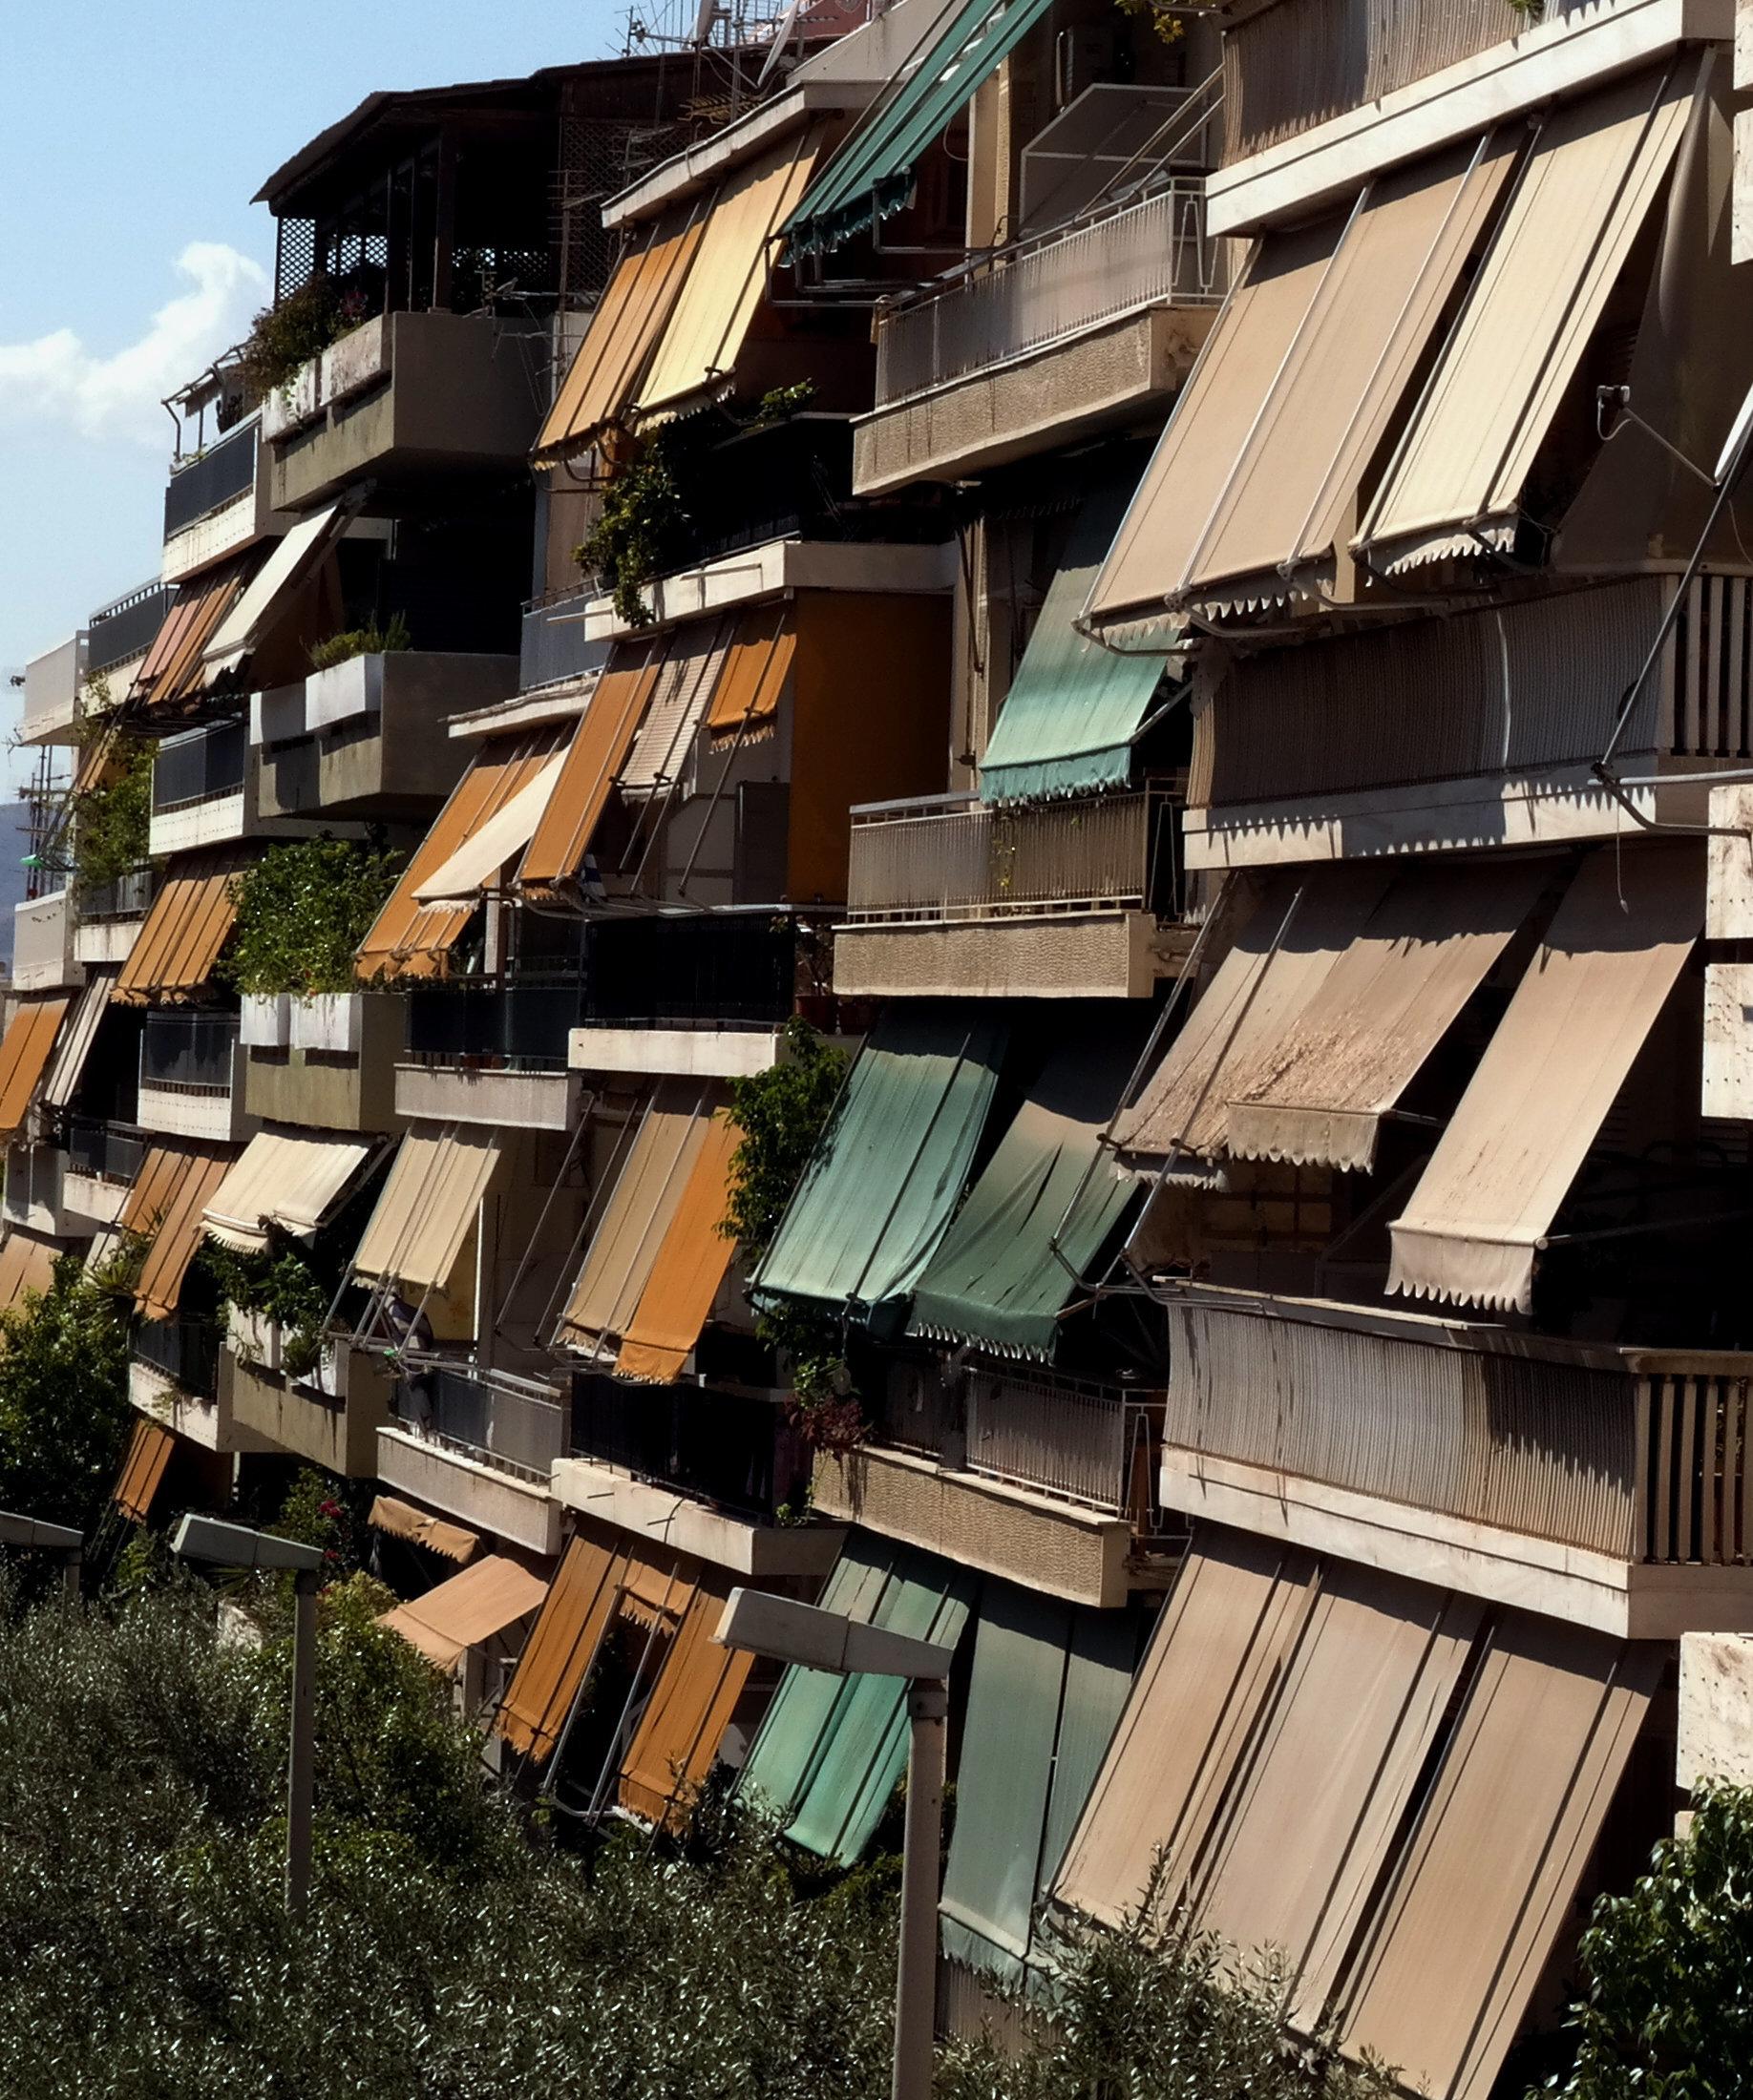 Νόμο για την προστασία της α' κατοικίας από τους πλειστηριασμούς θα ζητήσει από την κυβέρνηση το